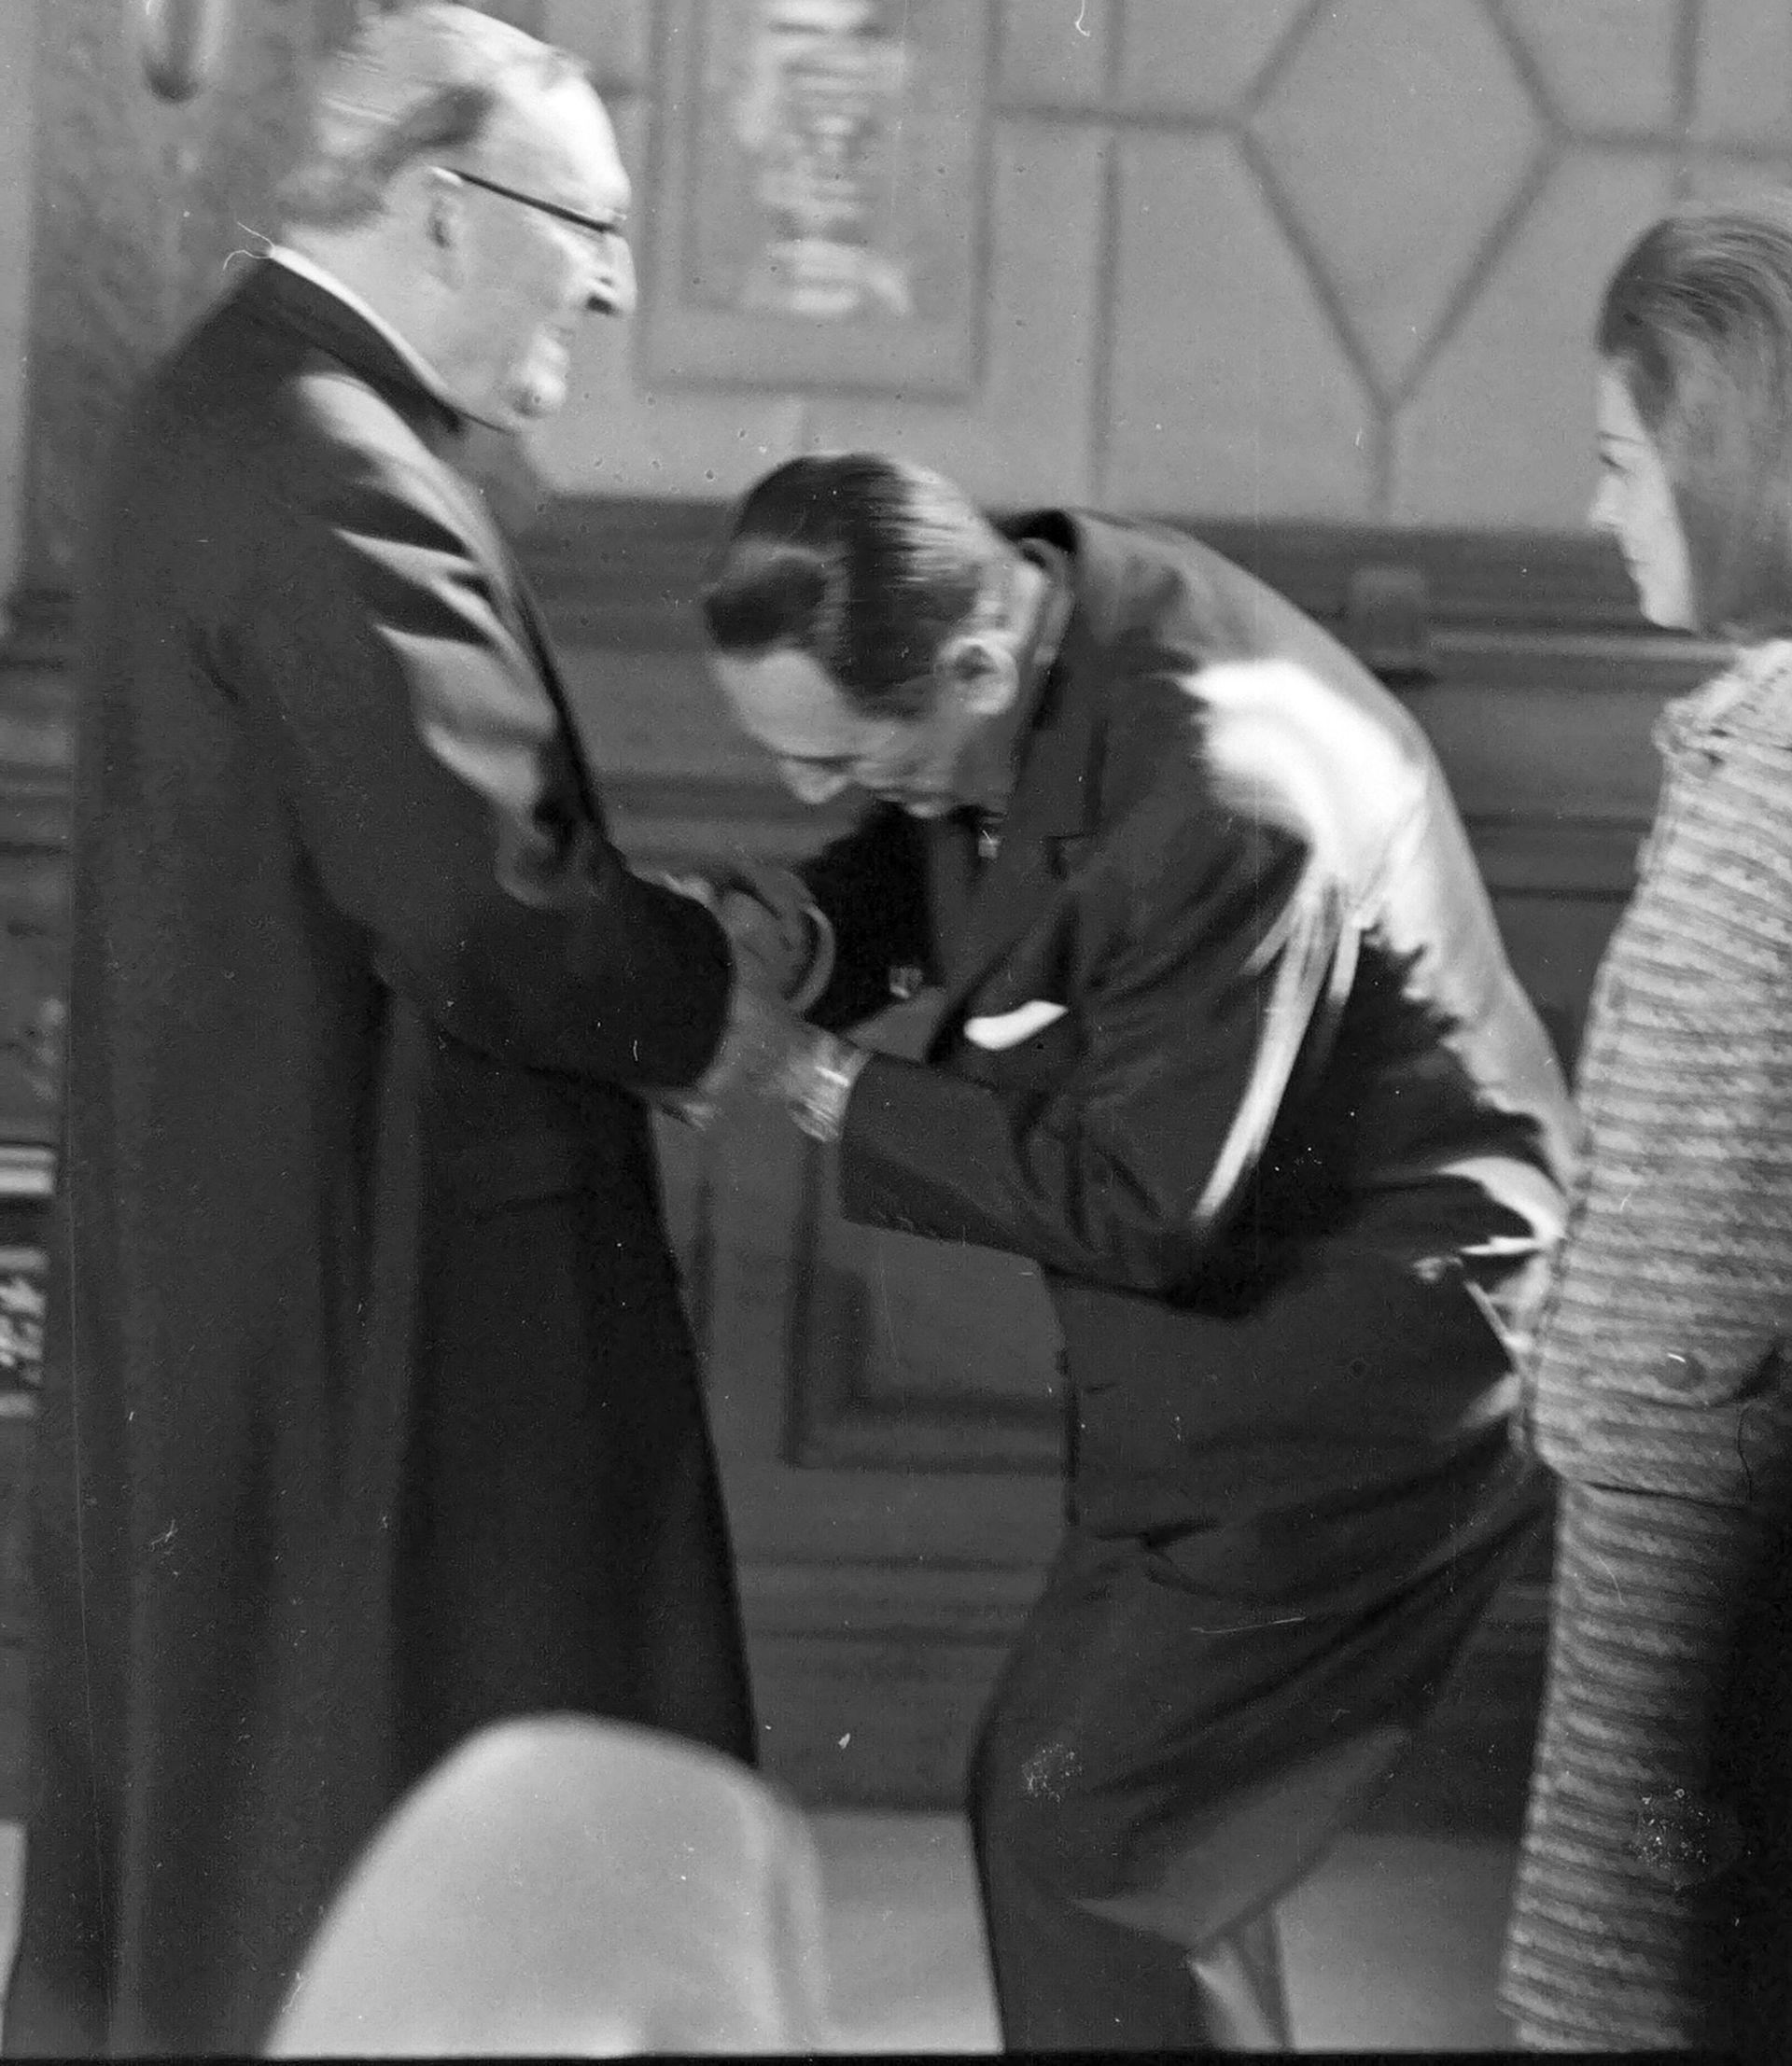 Otra imagen de aquel 13 de octubre de 1973: el amistoso saludo de Juan Domingo Perón al arzobispo de Buenos Aires Antonio Caggiano